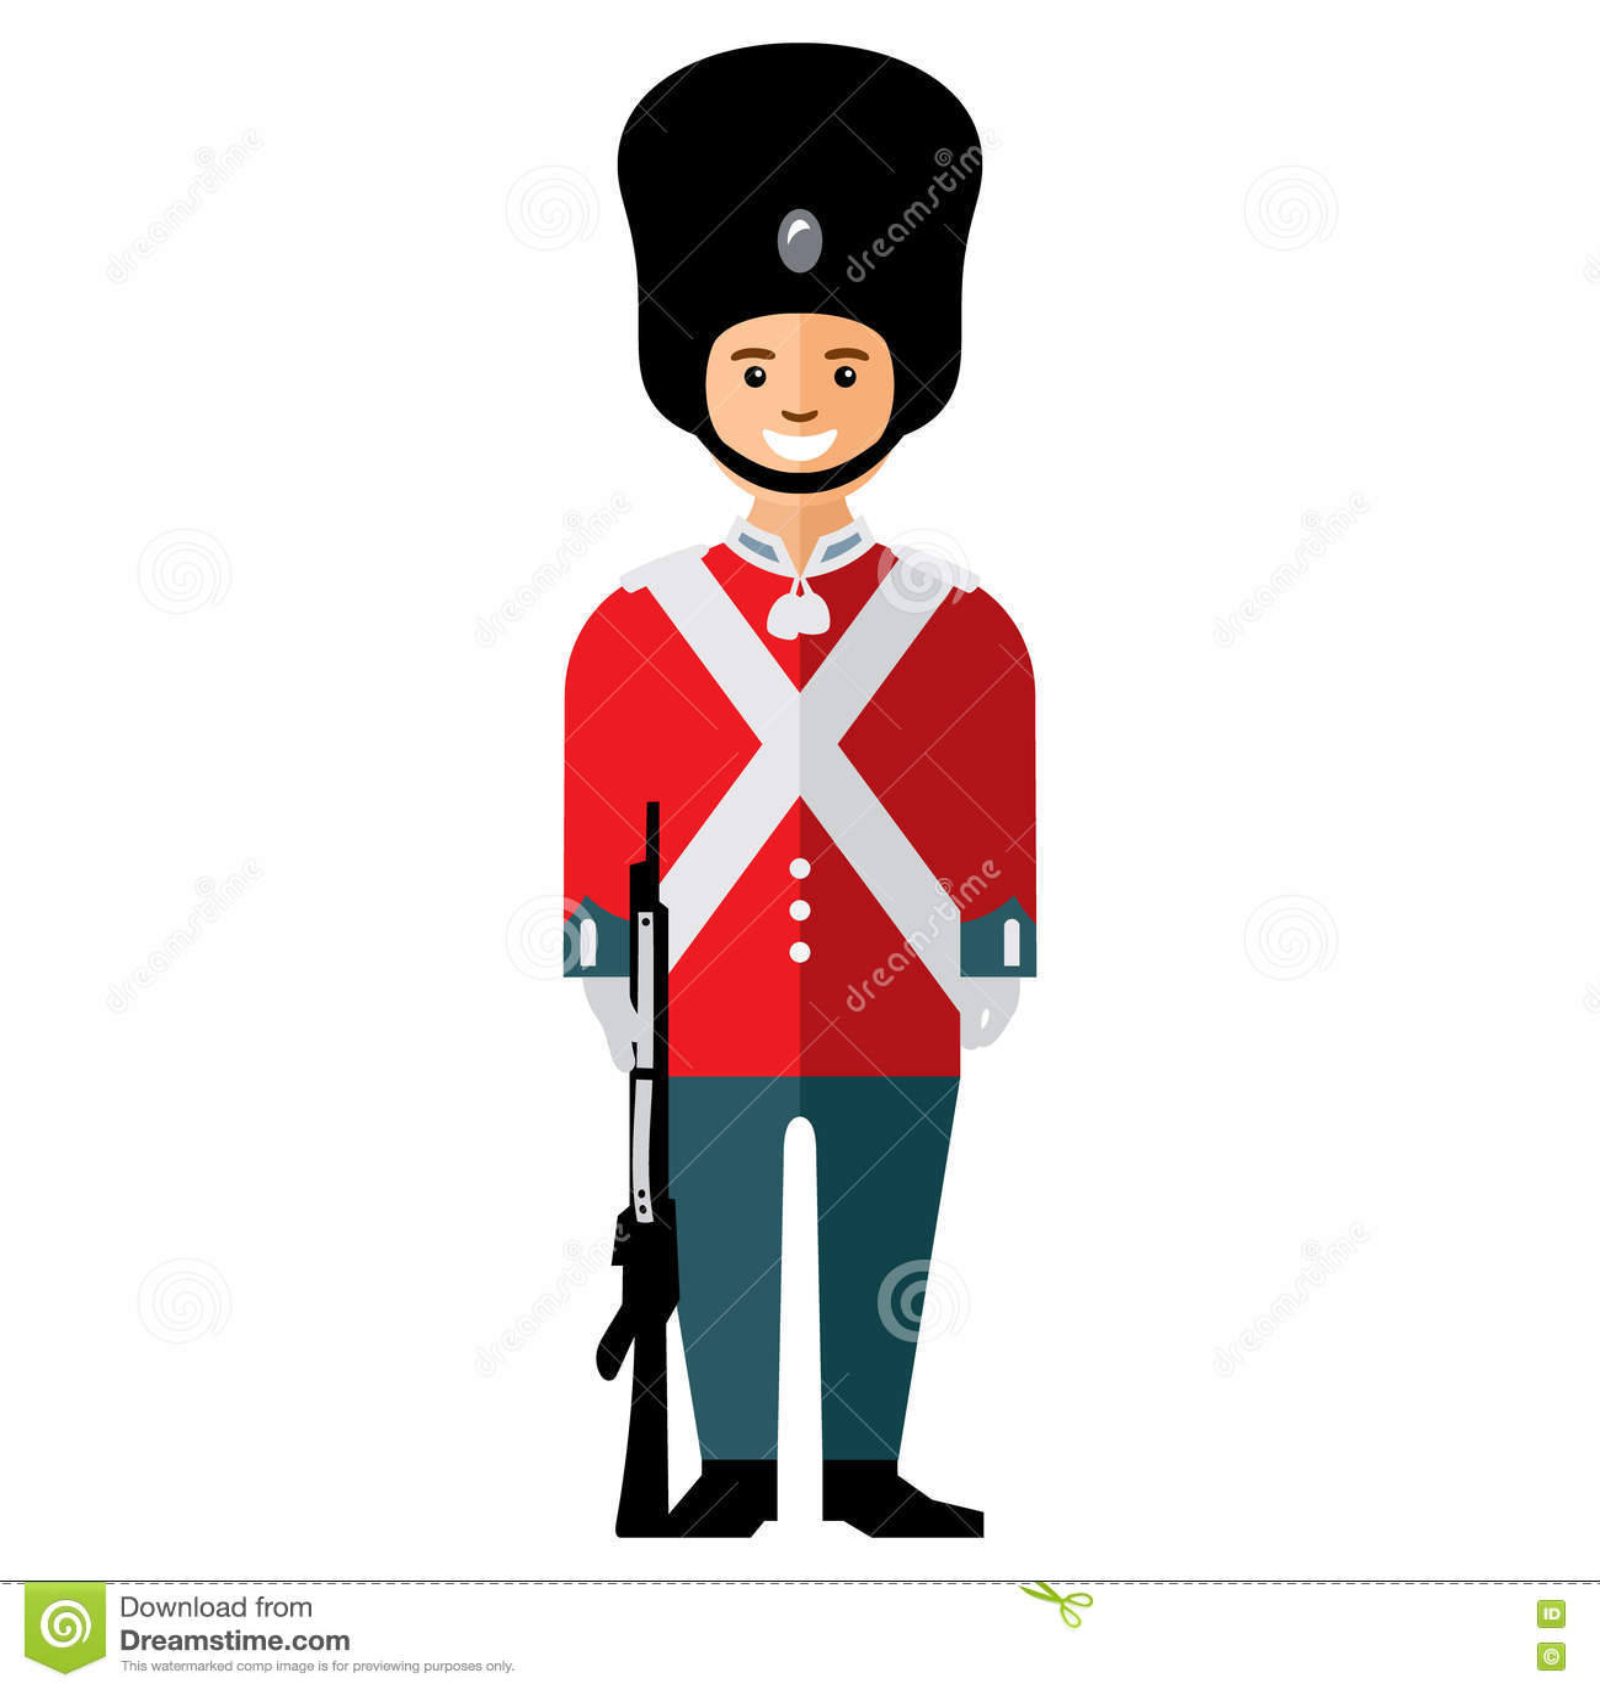 british guardsman cartoon cartoon vector cartoondealer clipart lifeguard stand lifeguard clipart black